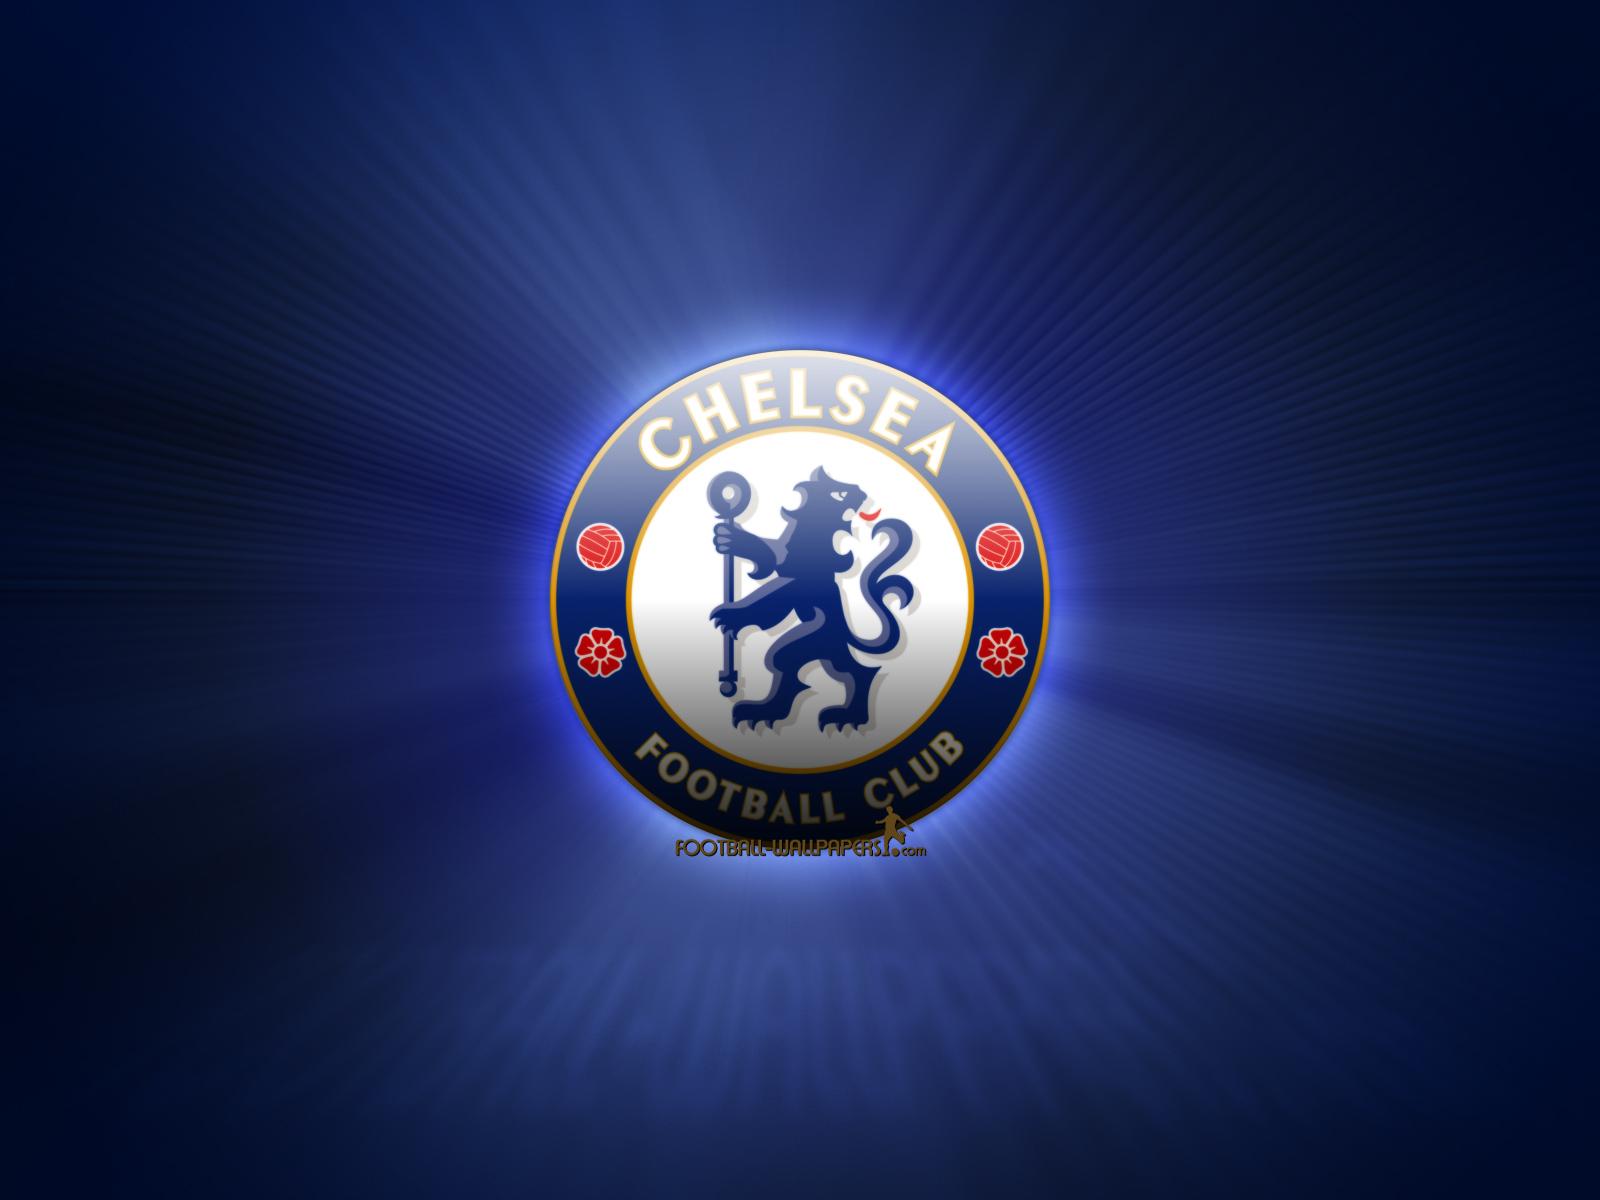 http://4.bp.blogspot.com/-8pYOJXZorig/TlFTm6rIC-I/AAAAAAAAIEc/vro4H_GxJtI/s1600/Chelsea-Football-Club+12.jpg